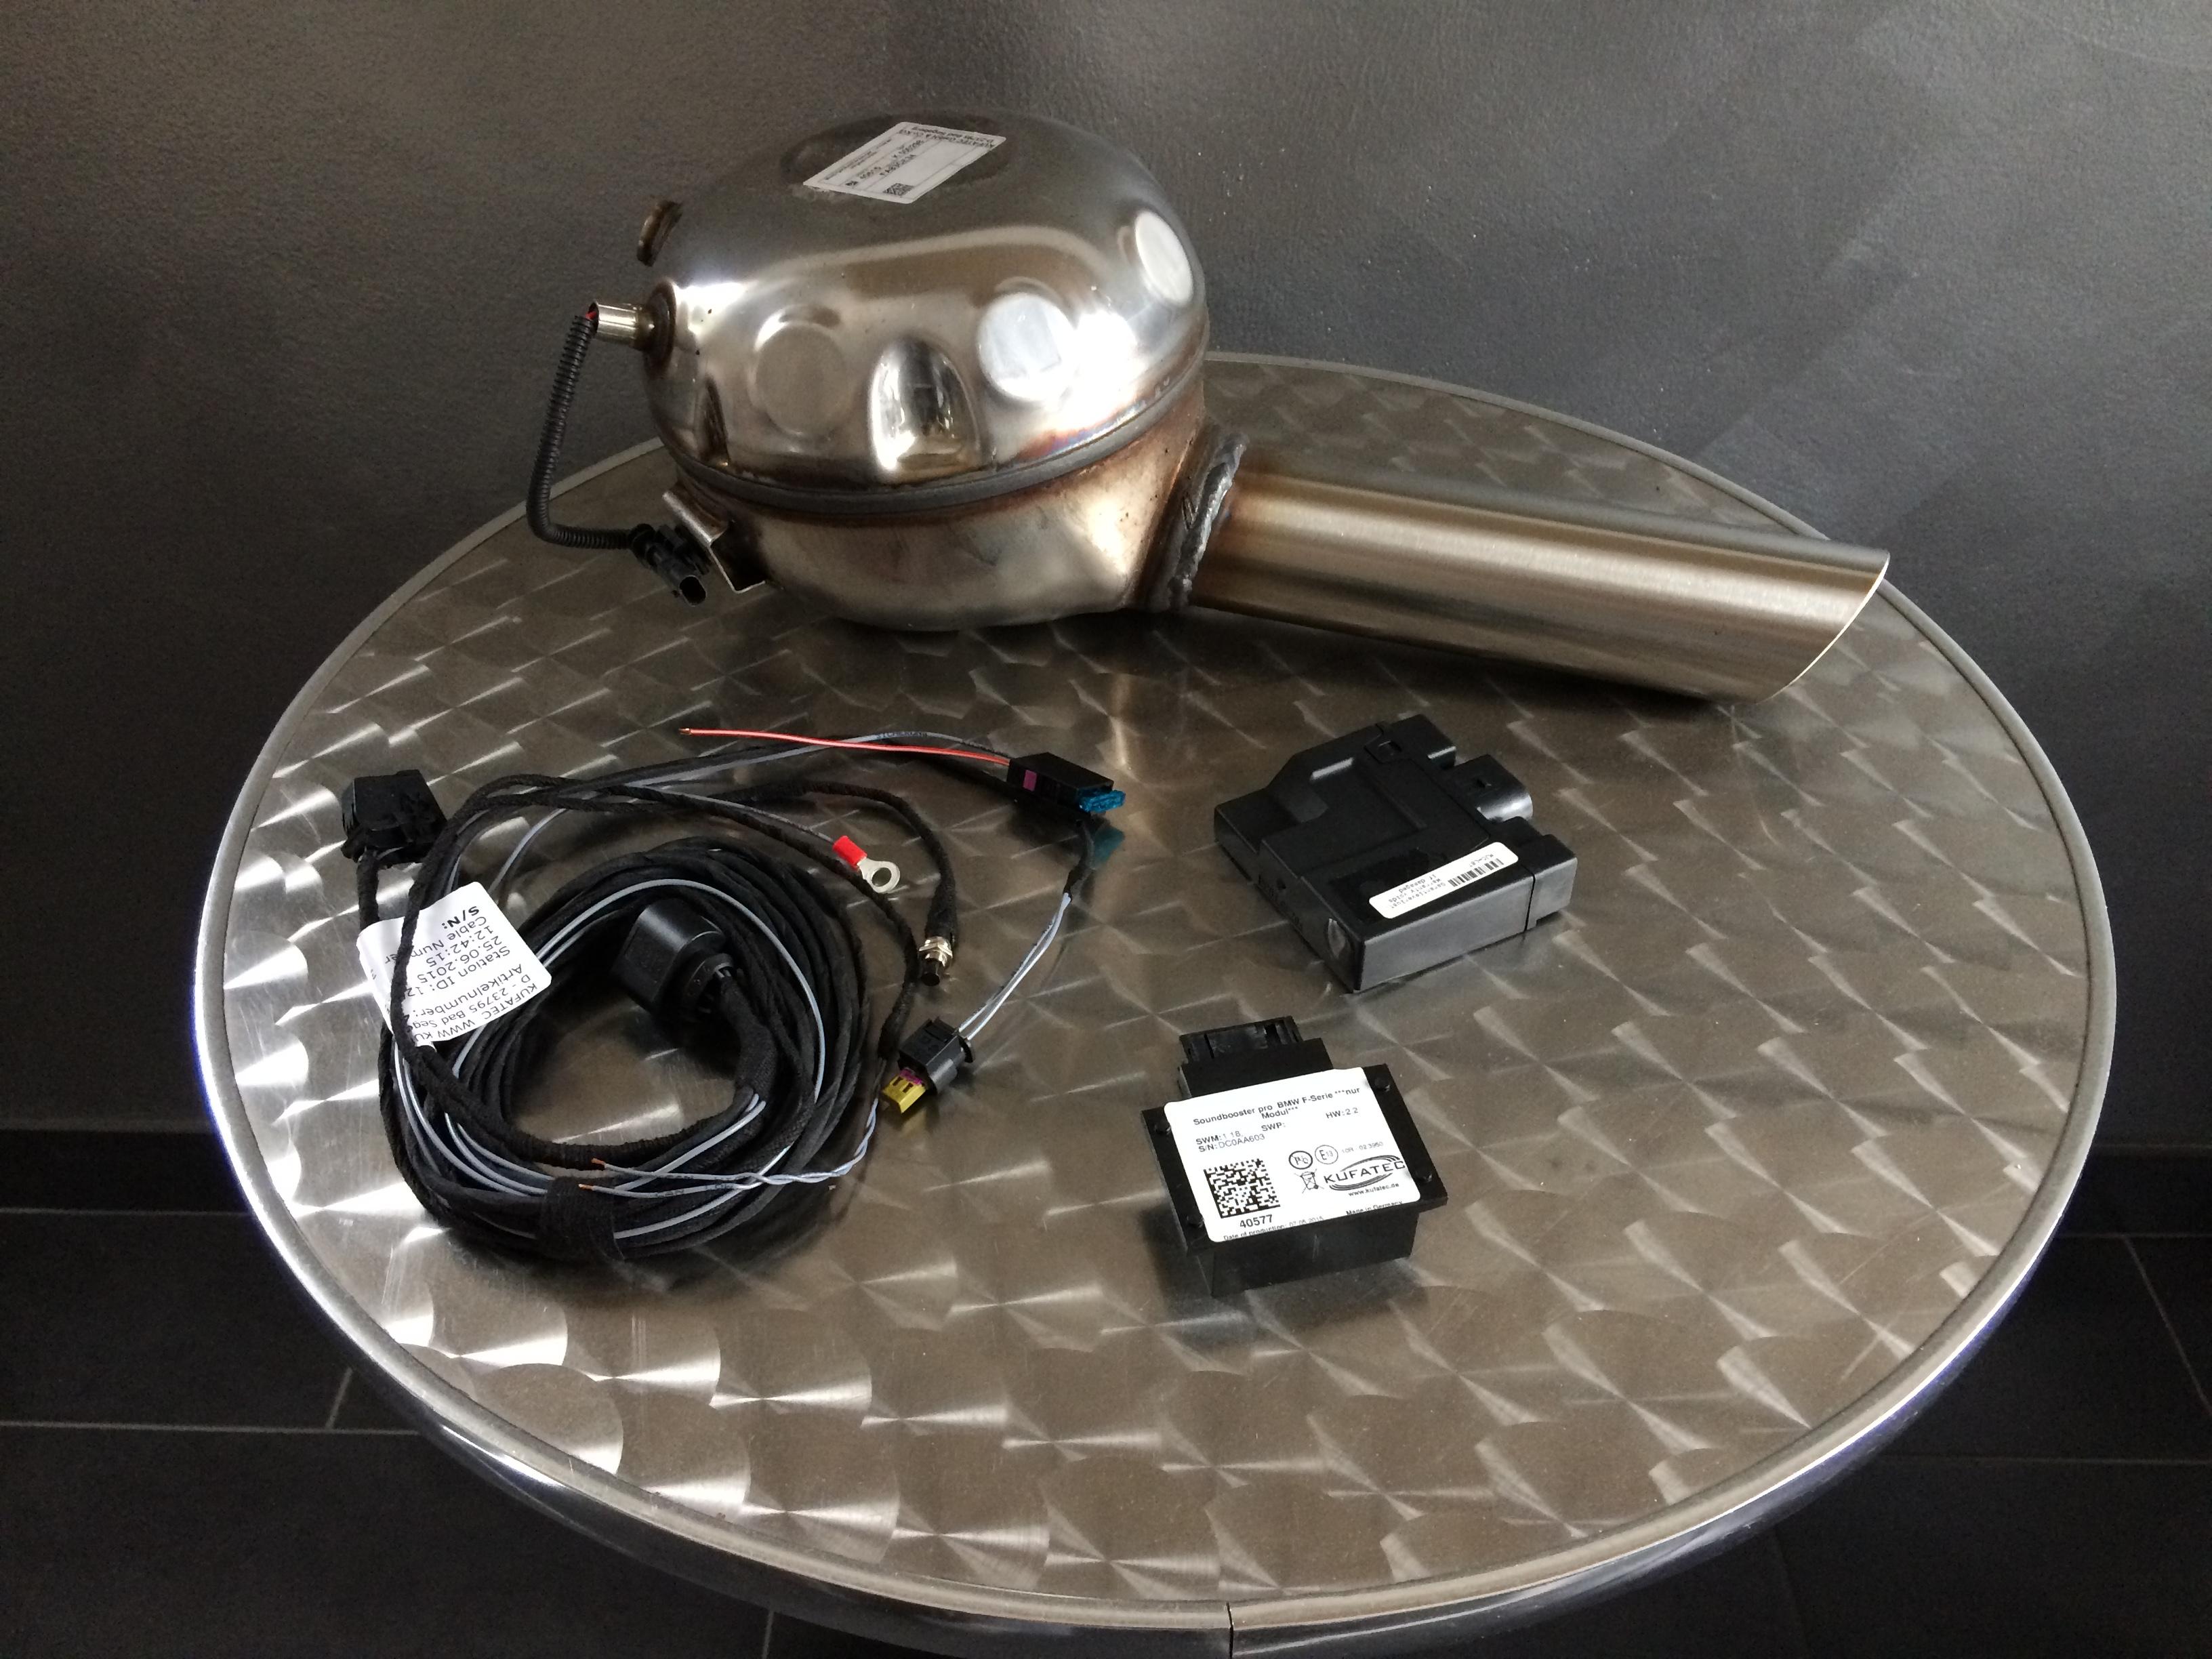 Sound Booster Pro - Motor Active Sound - Mitsubishi - inkl. 19% Mehrwertsteuer + Versand